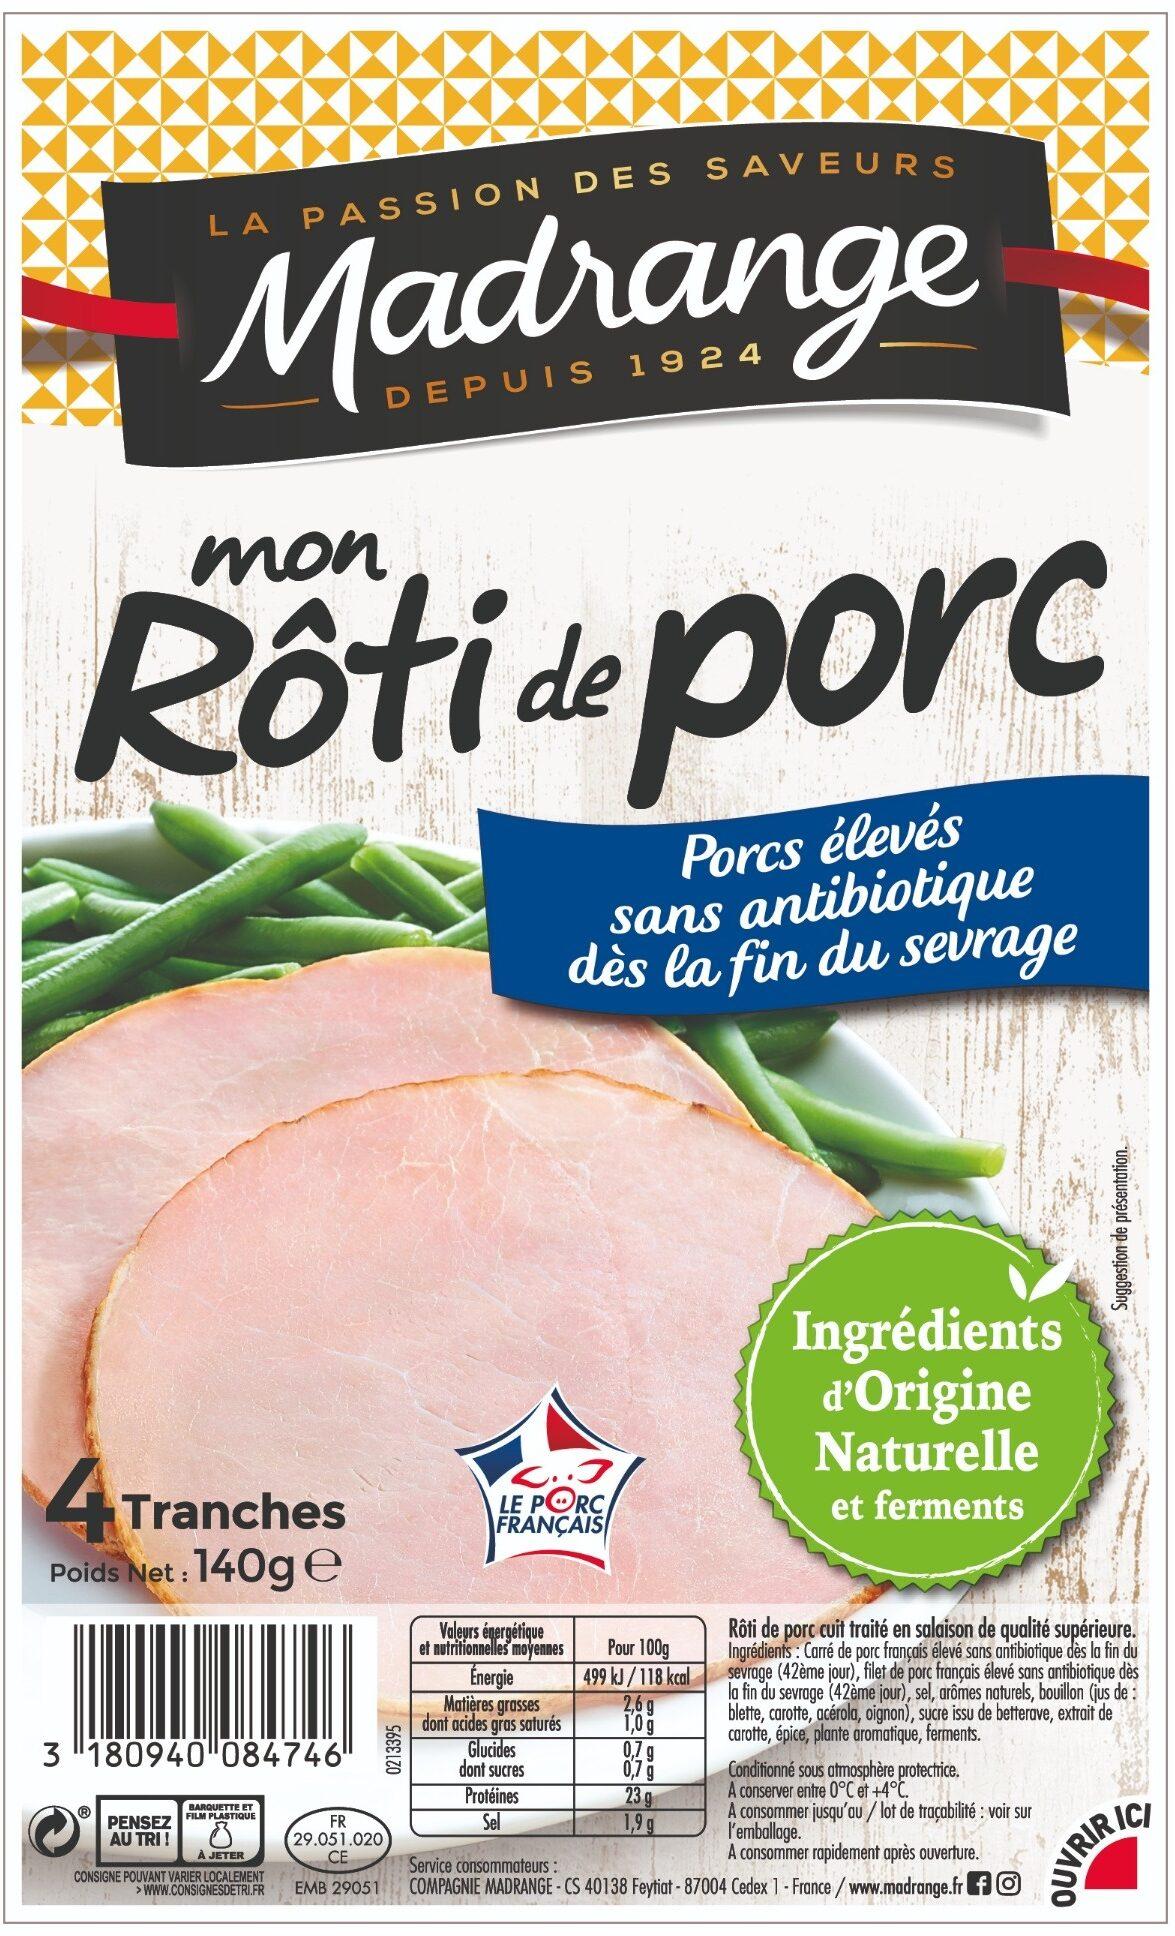 Mon Rôti de porc - Porcs élevés sans antibiotique dès la fin du sevrage - Product - fr